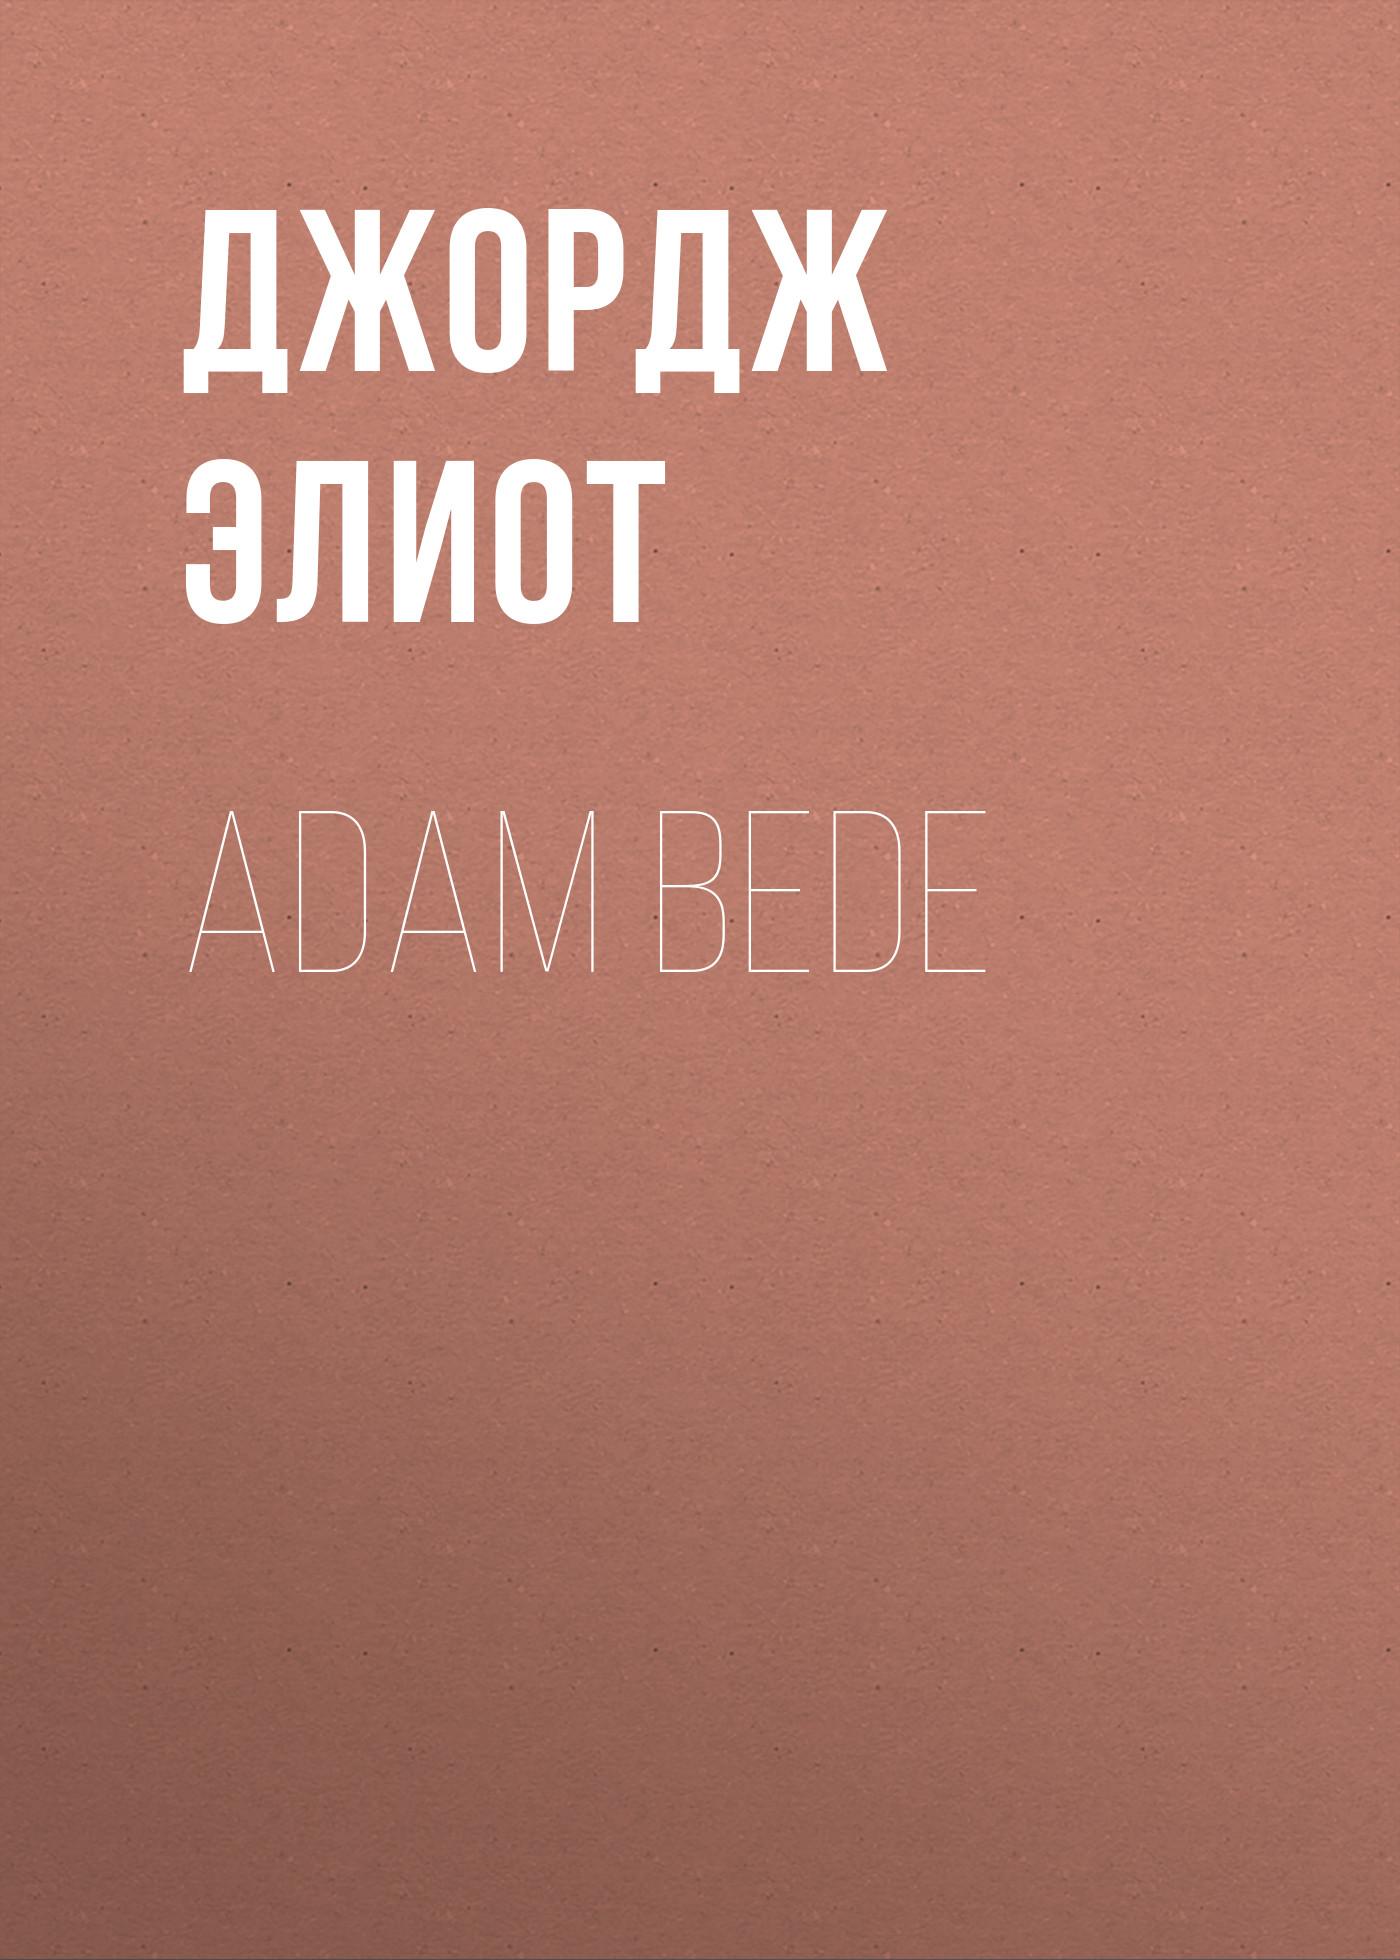 Джордж Элиот Adam Bede джордж элиот мельница на флоссе